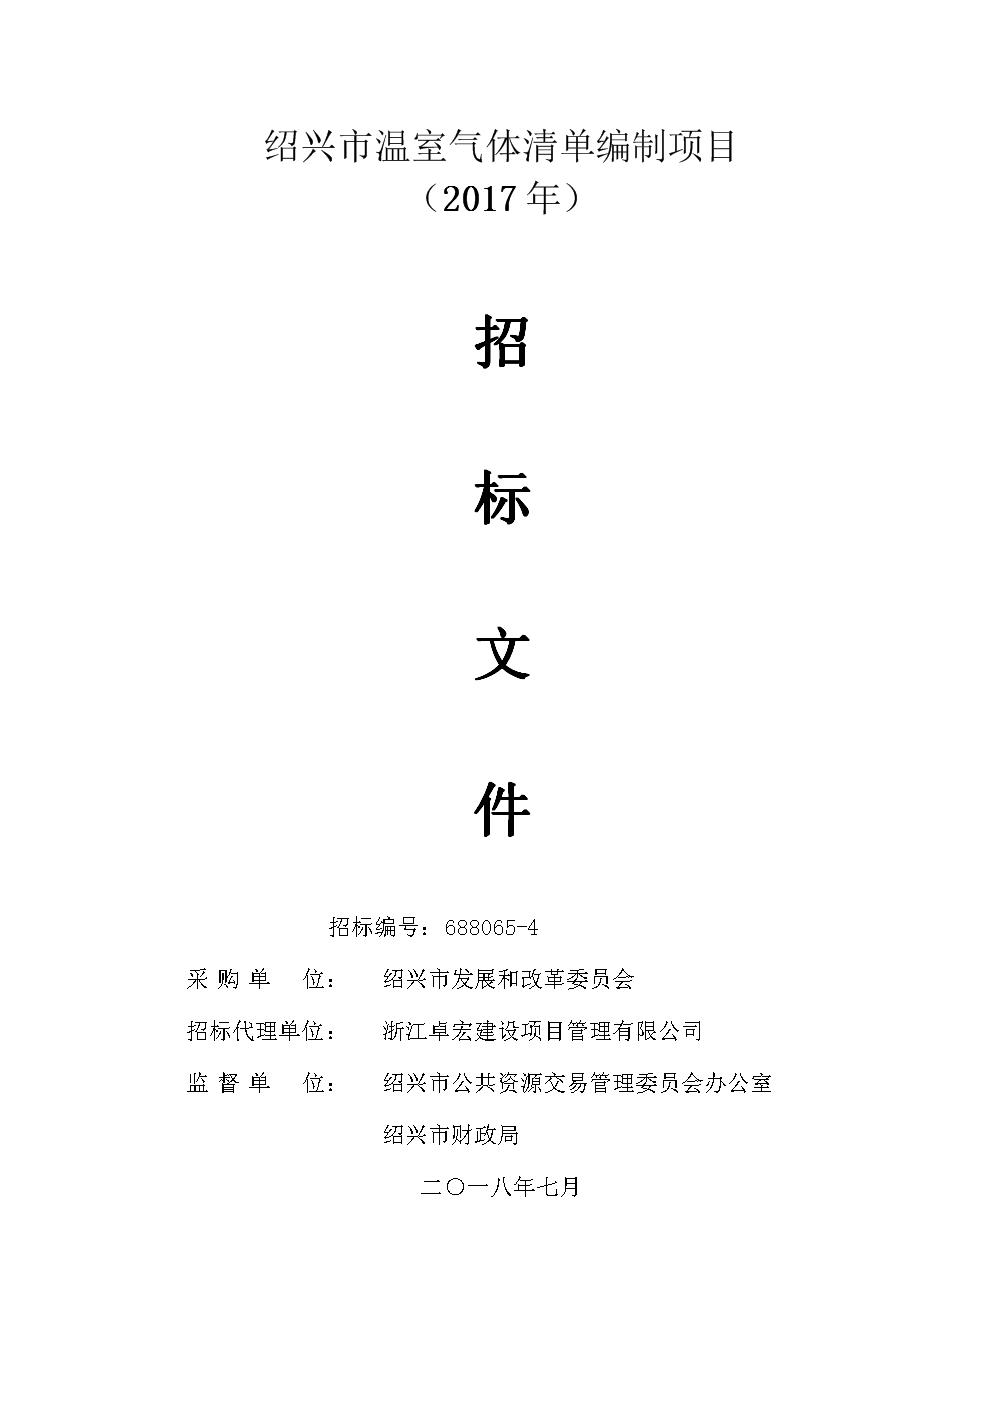 绍兴市气体小学编制温室项目招标清单.doc龙湖v气体文件图片